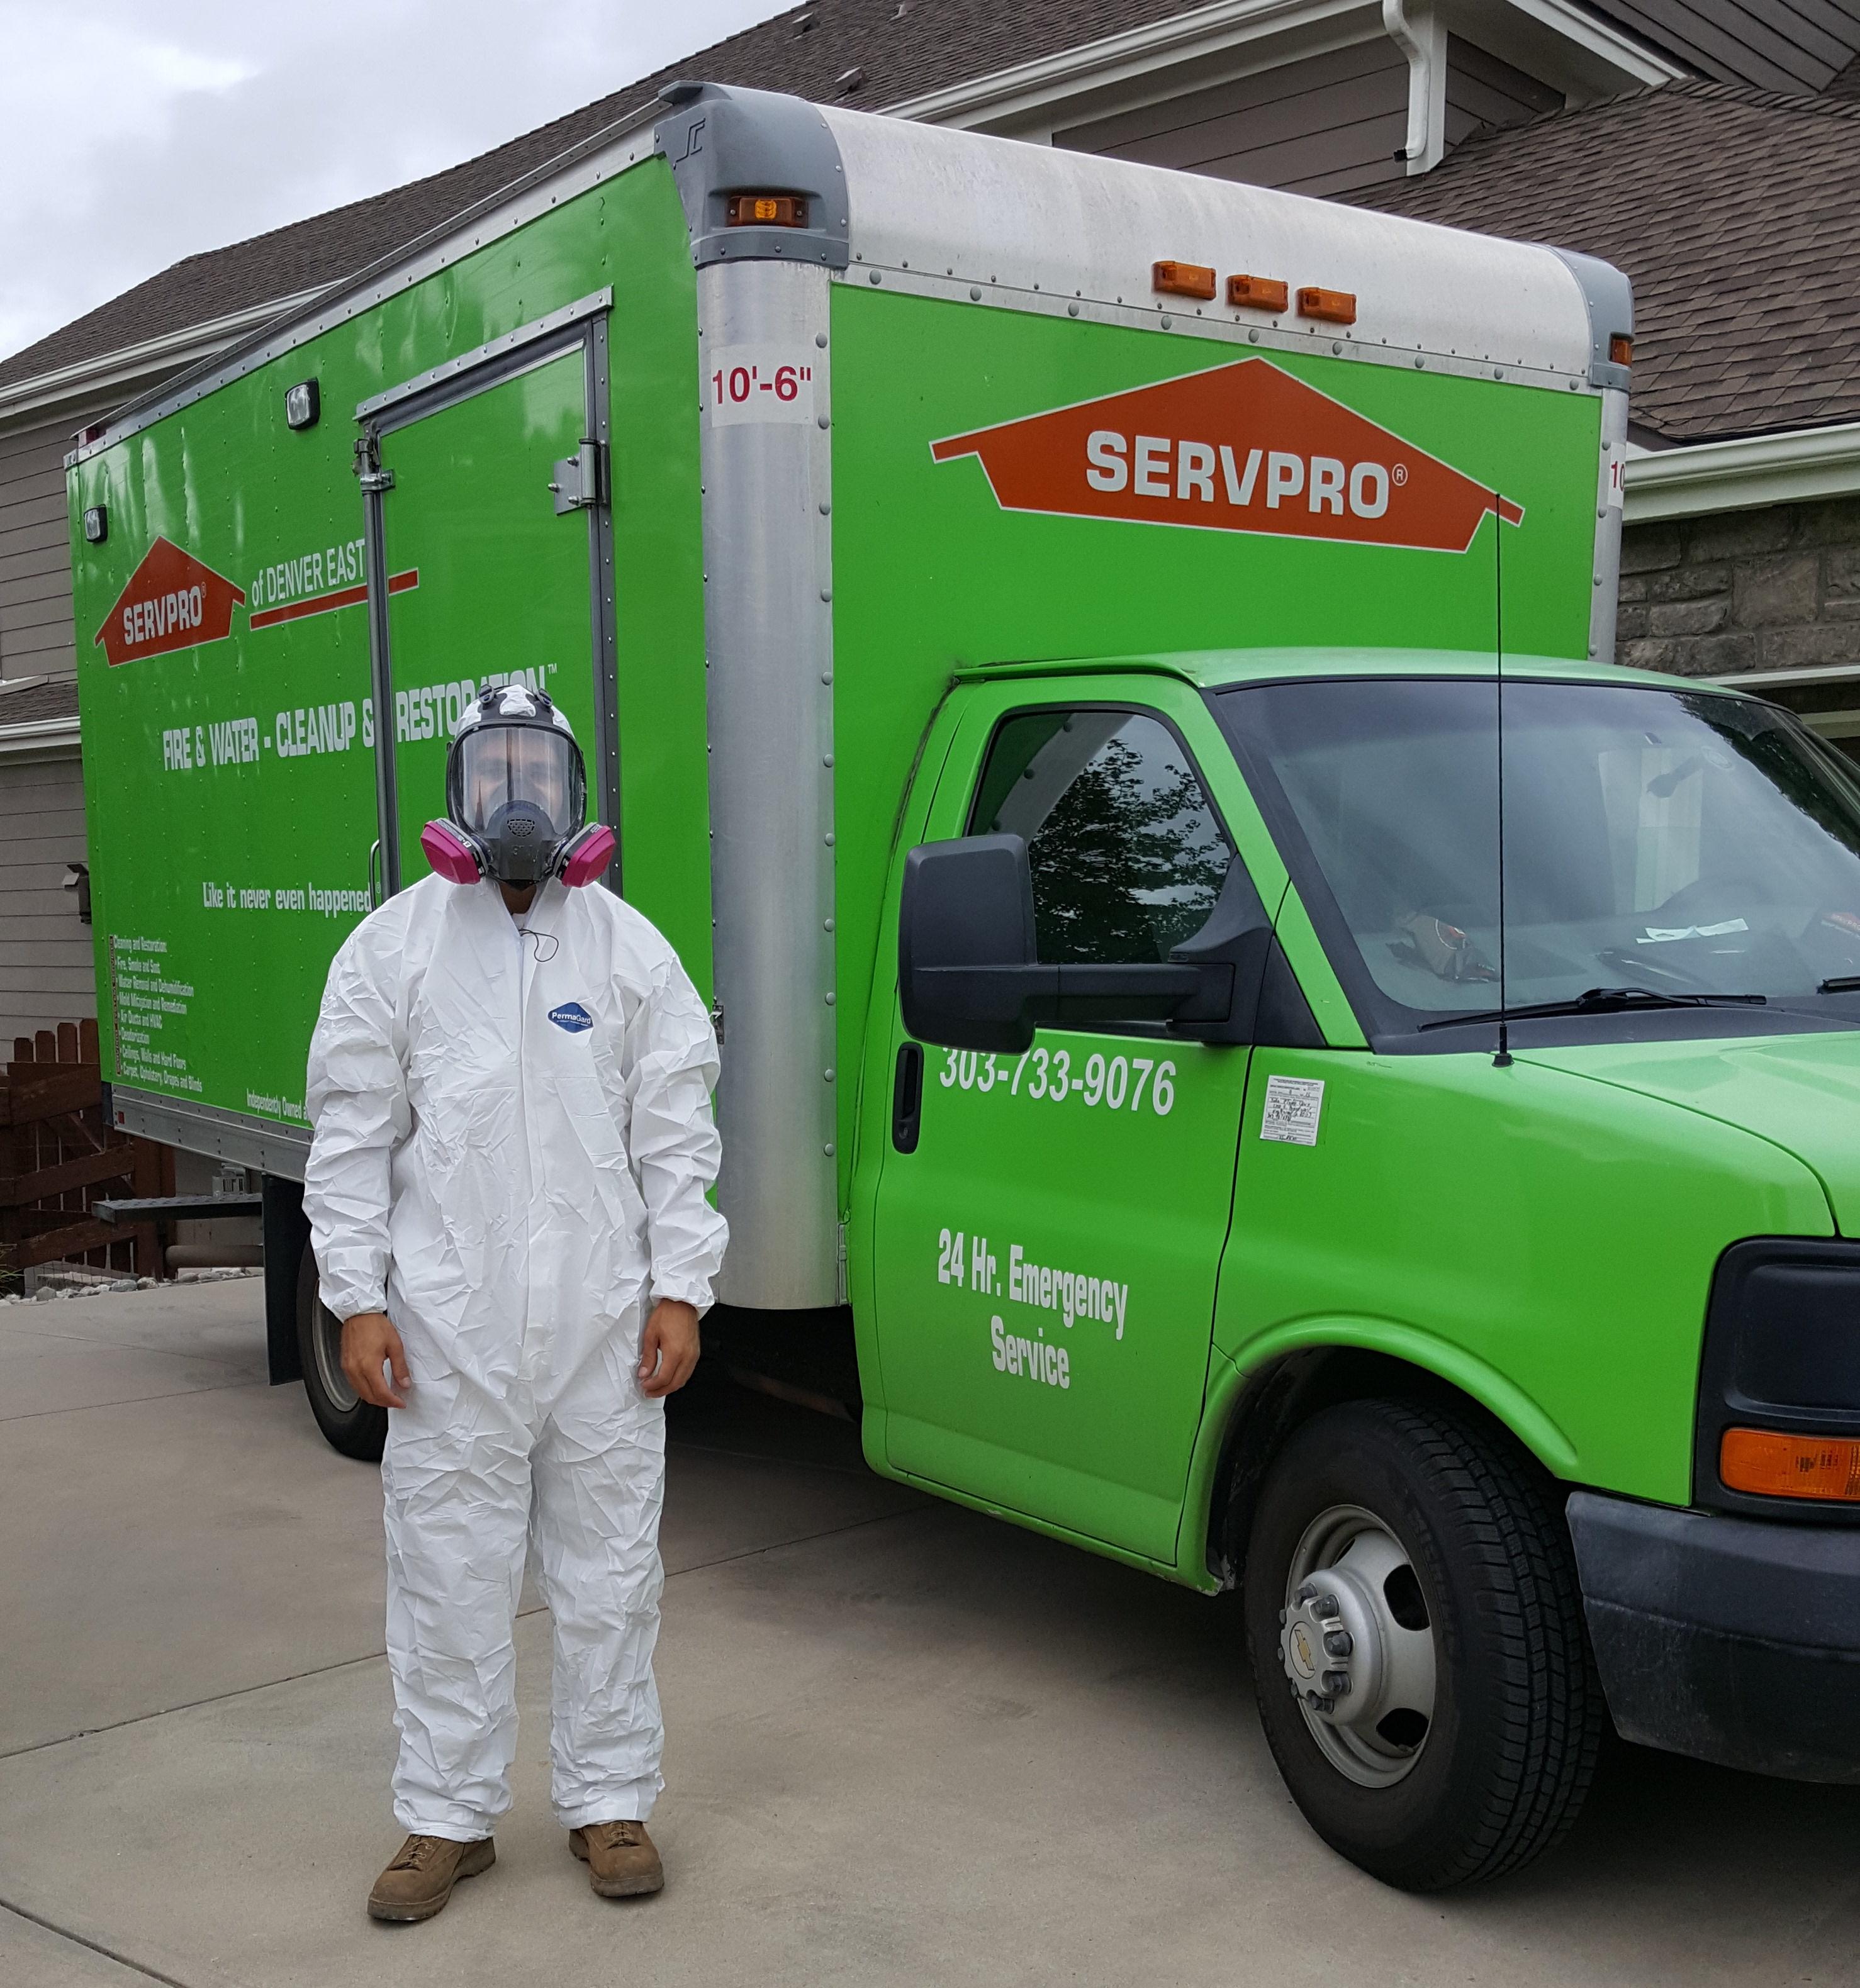 Servpro Of Denver East In Littleton Co 303 733 9